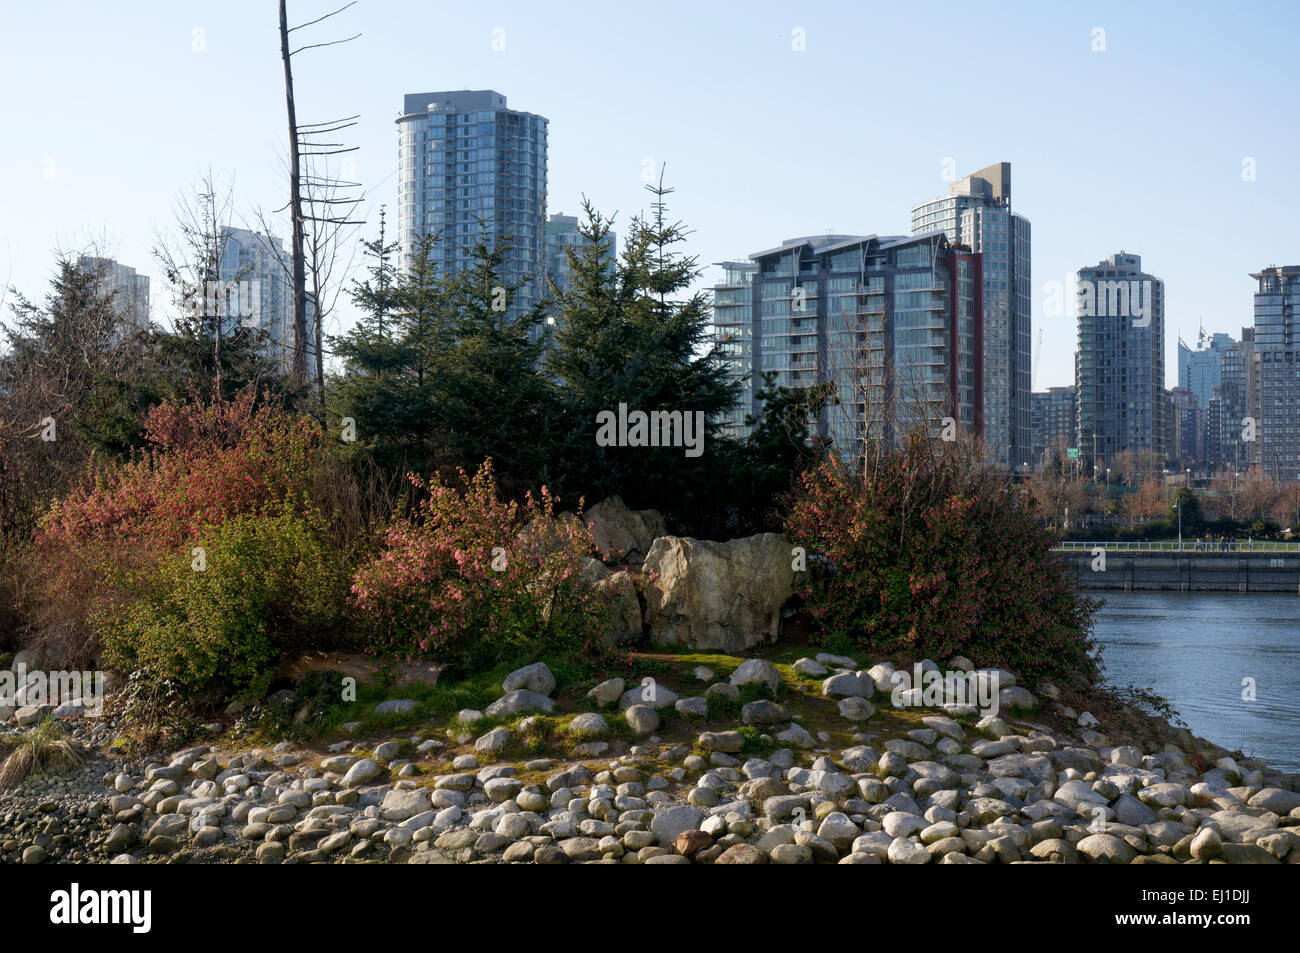 Sanctuaire de la nature de l'île de l'habitat dans la zone sud-est de False Creek, Vancouver, BC, Canada Banque D'Images